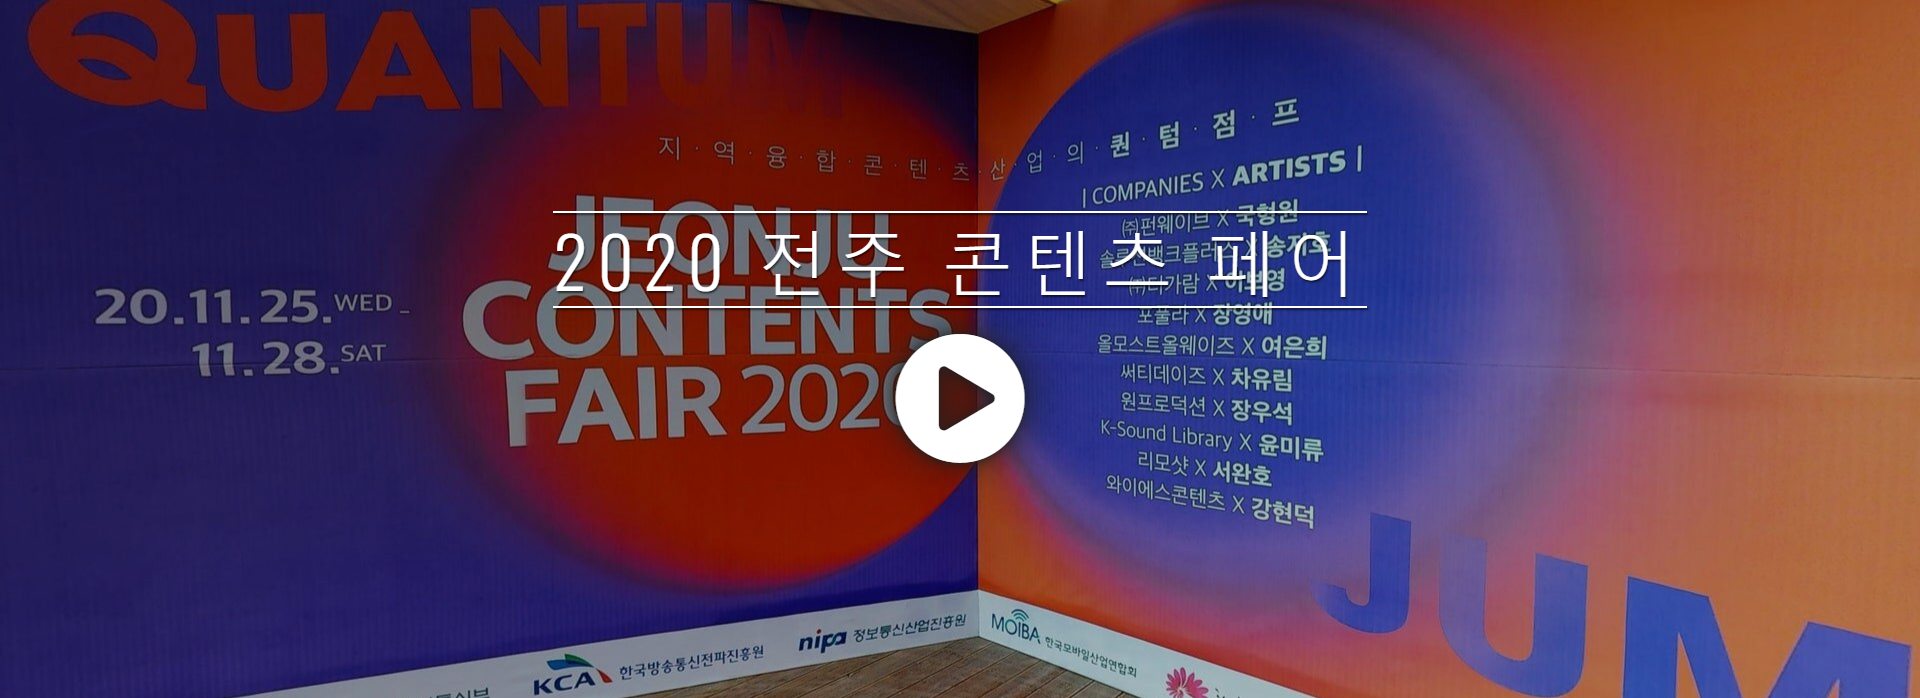 2020 전주콘텐츠페어 온라인 박람회 3D VR